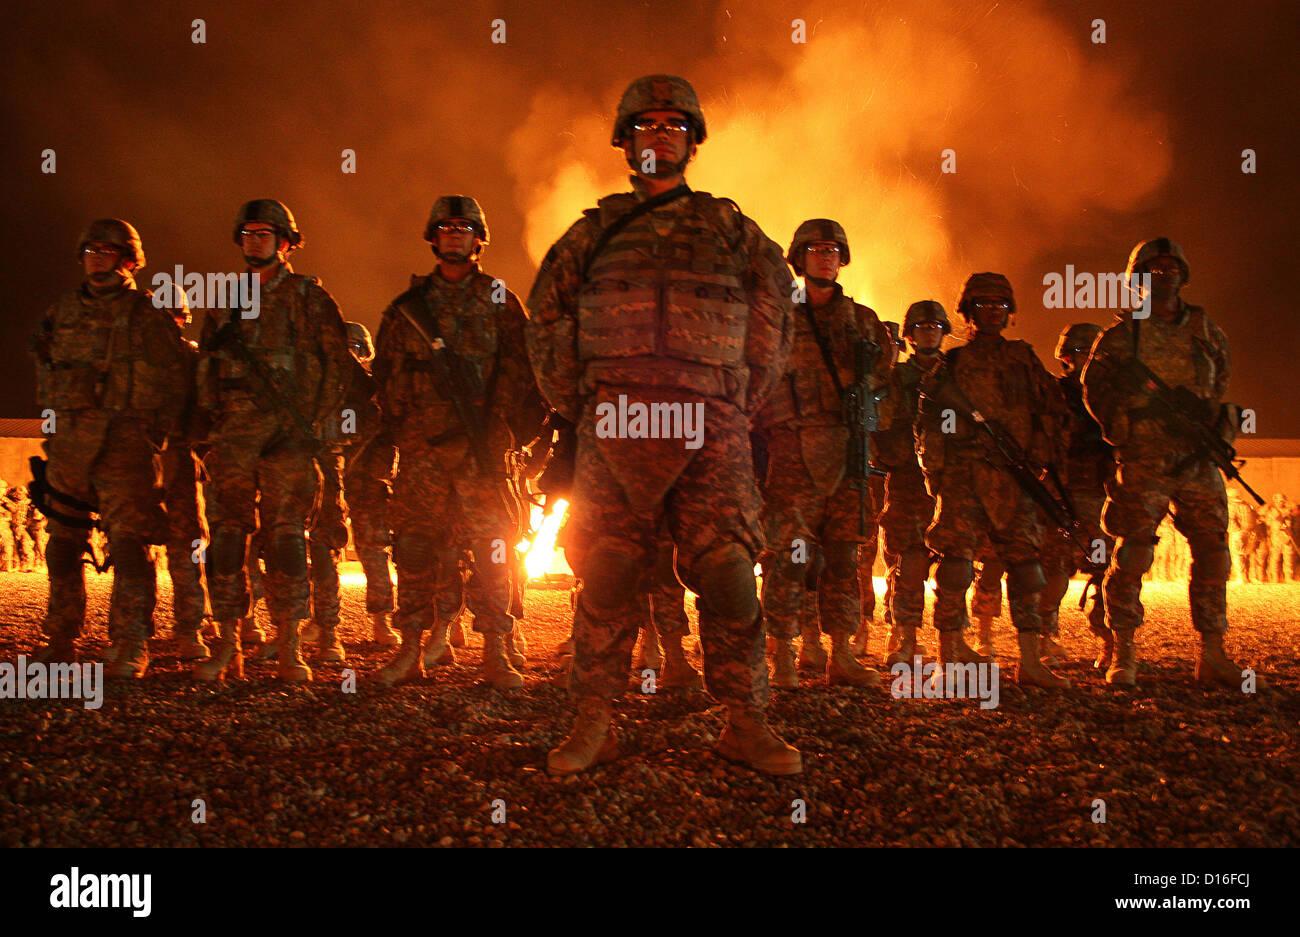 Ein Feuer entzündet den Himmel in Babil Provinz, Irak 3. März 2009 als 22 Absolventen der Armee in die Stockbild